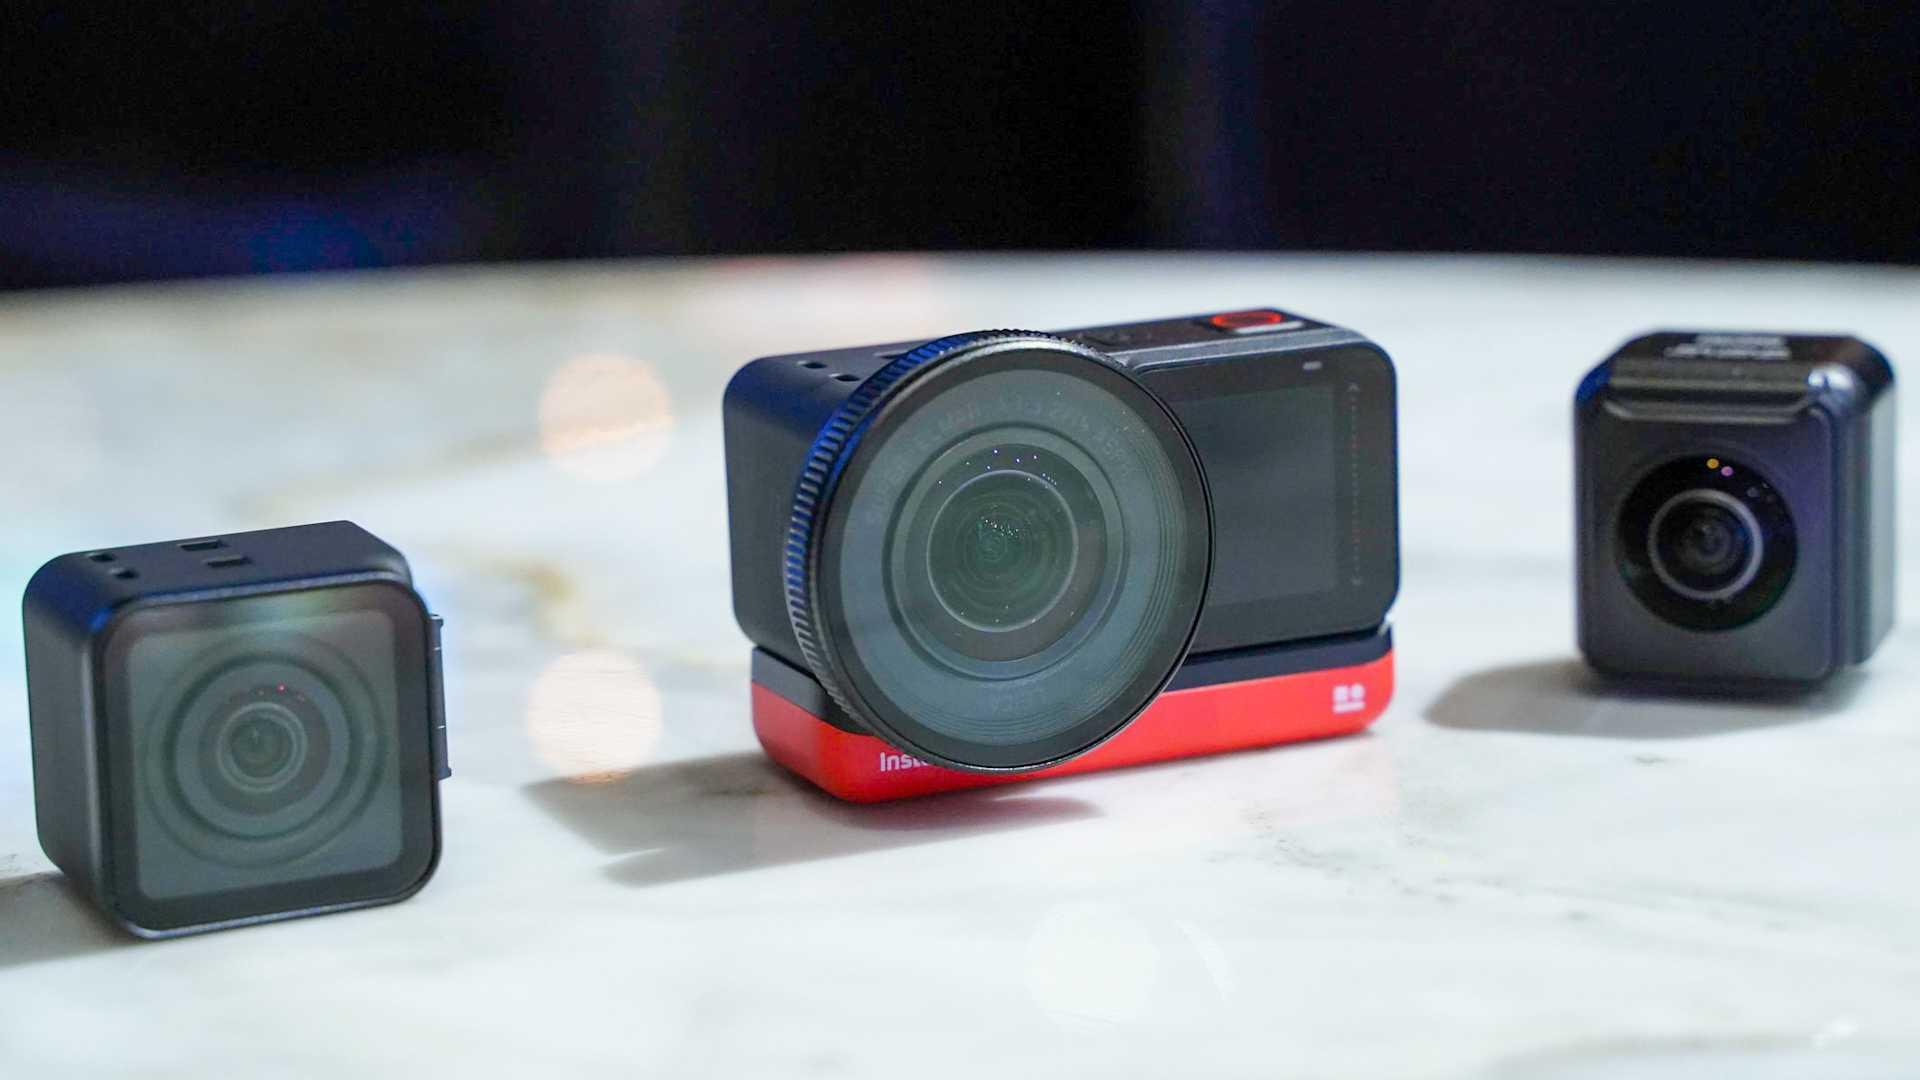 Лучшие камеры с углом съемки 360°: выбор zoom. cтатьи, тесты, обзоры